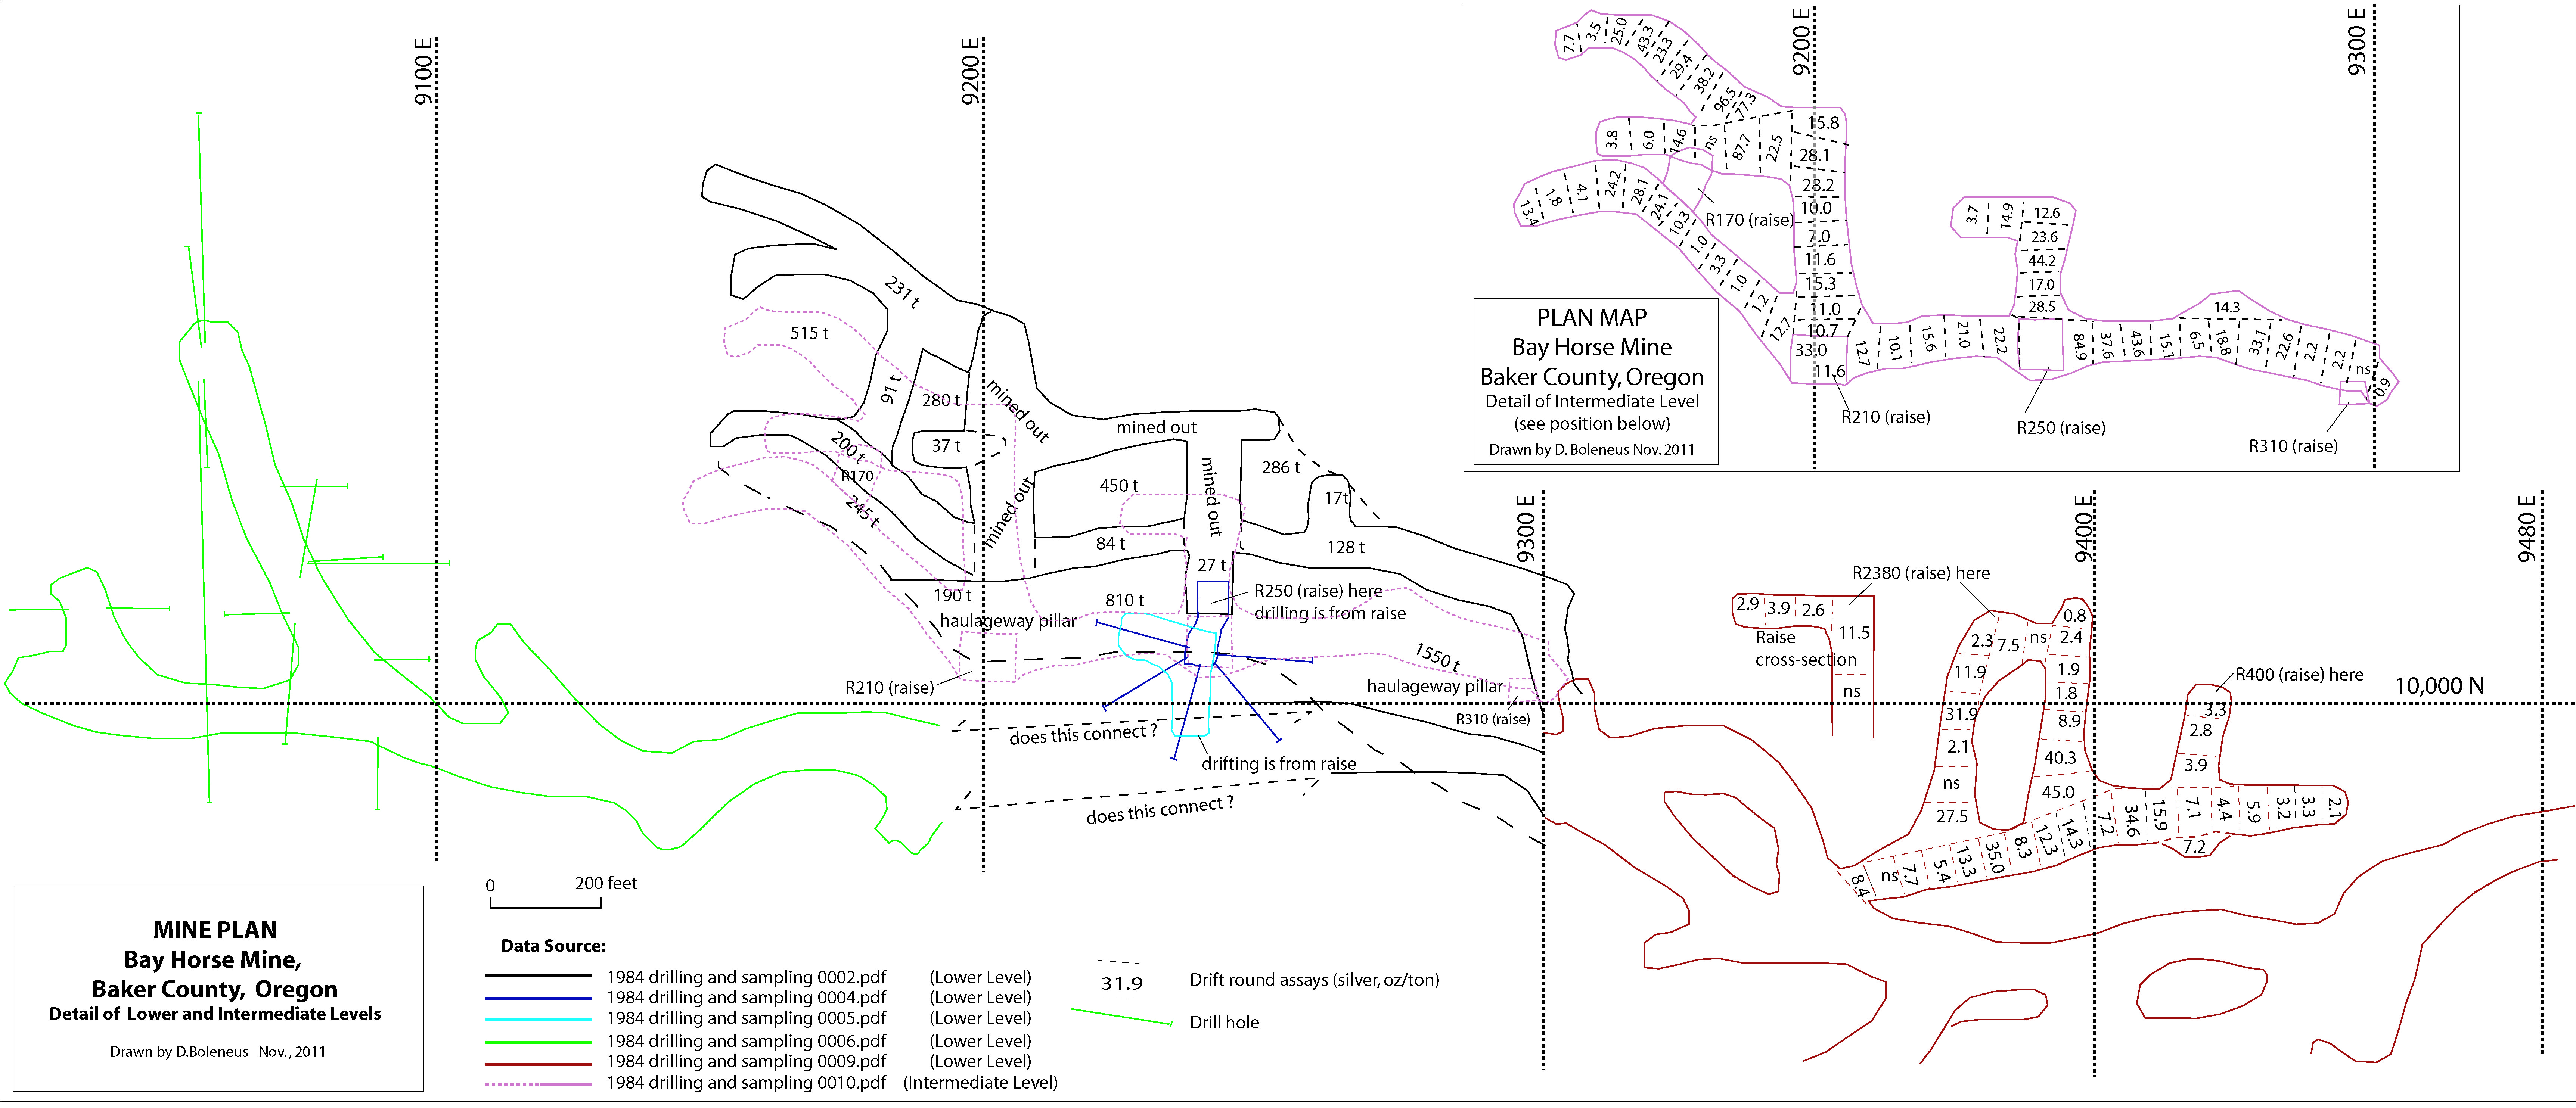 BayhorseDrawing and Assay Map